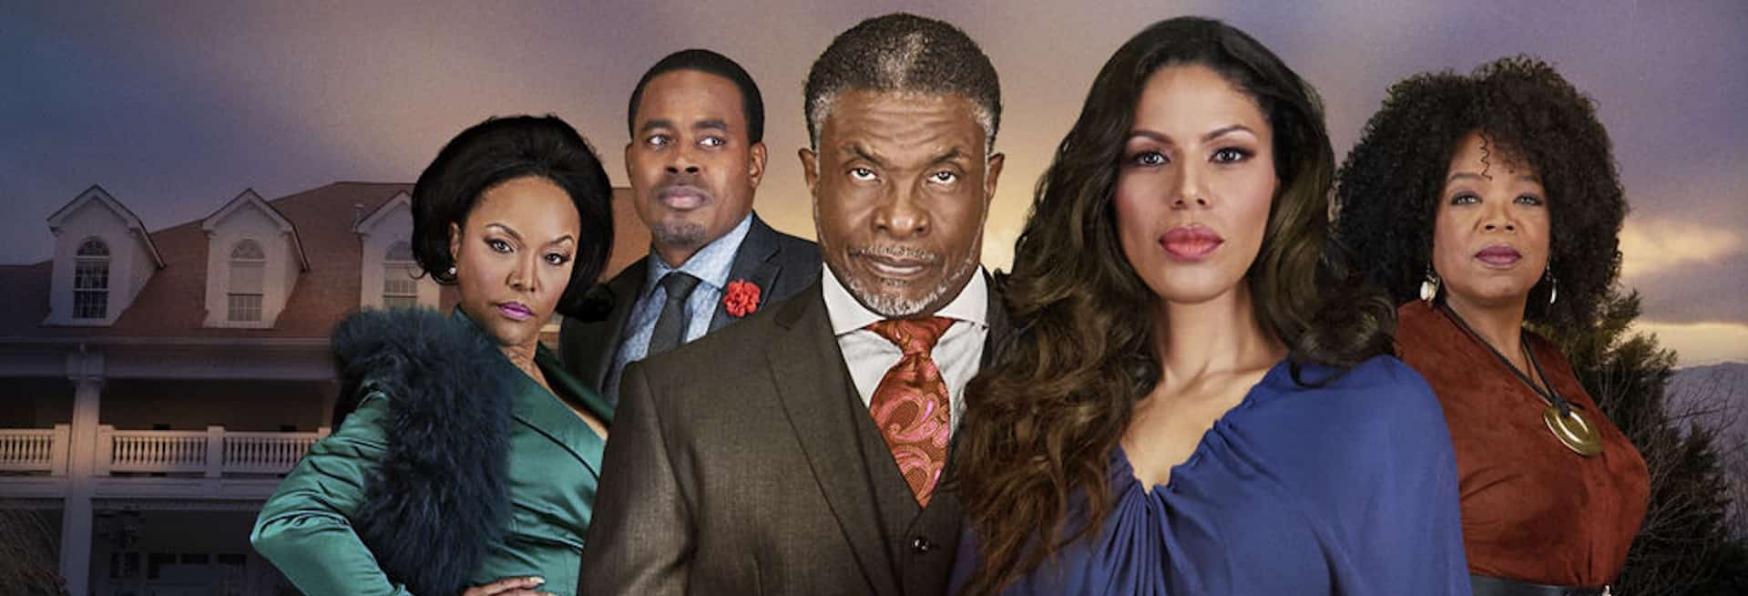 Greenleaf: in lavorazione uno Spin-off della Serie TV di Oprah Winfrey Network